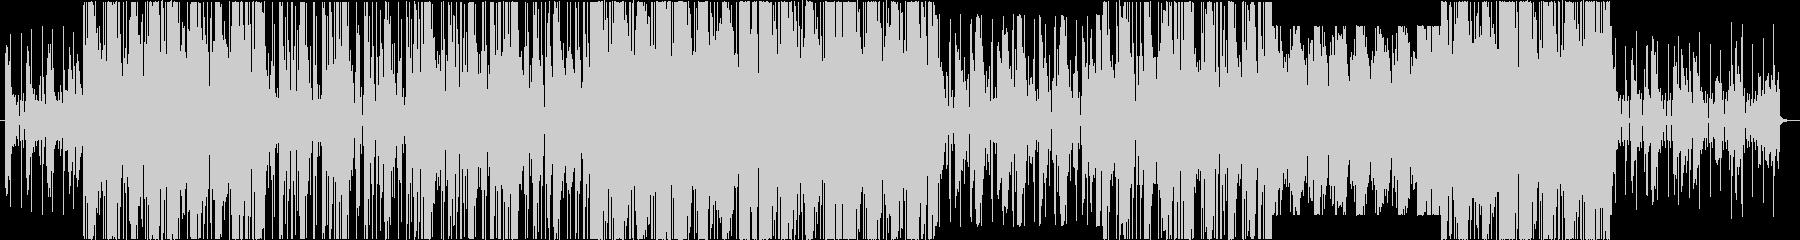 ラフでゆったりなチルホップ / R&Bの未再生の波形